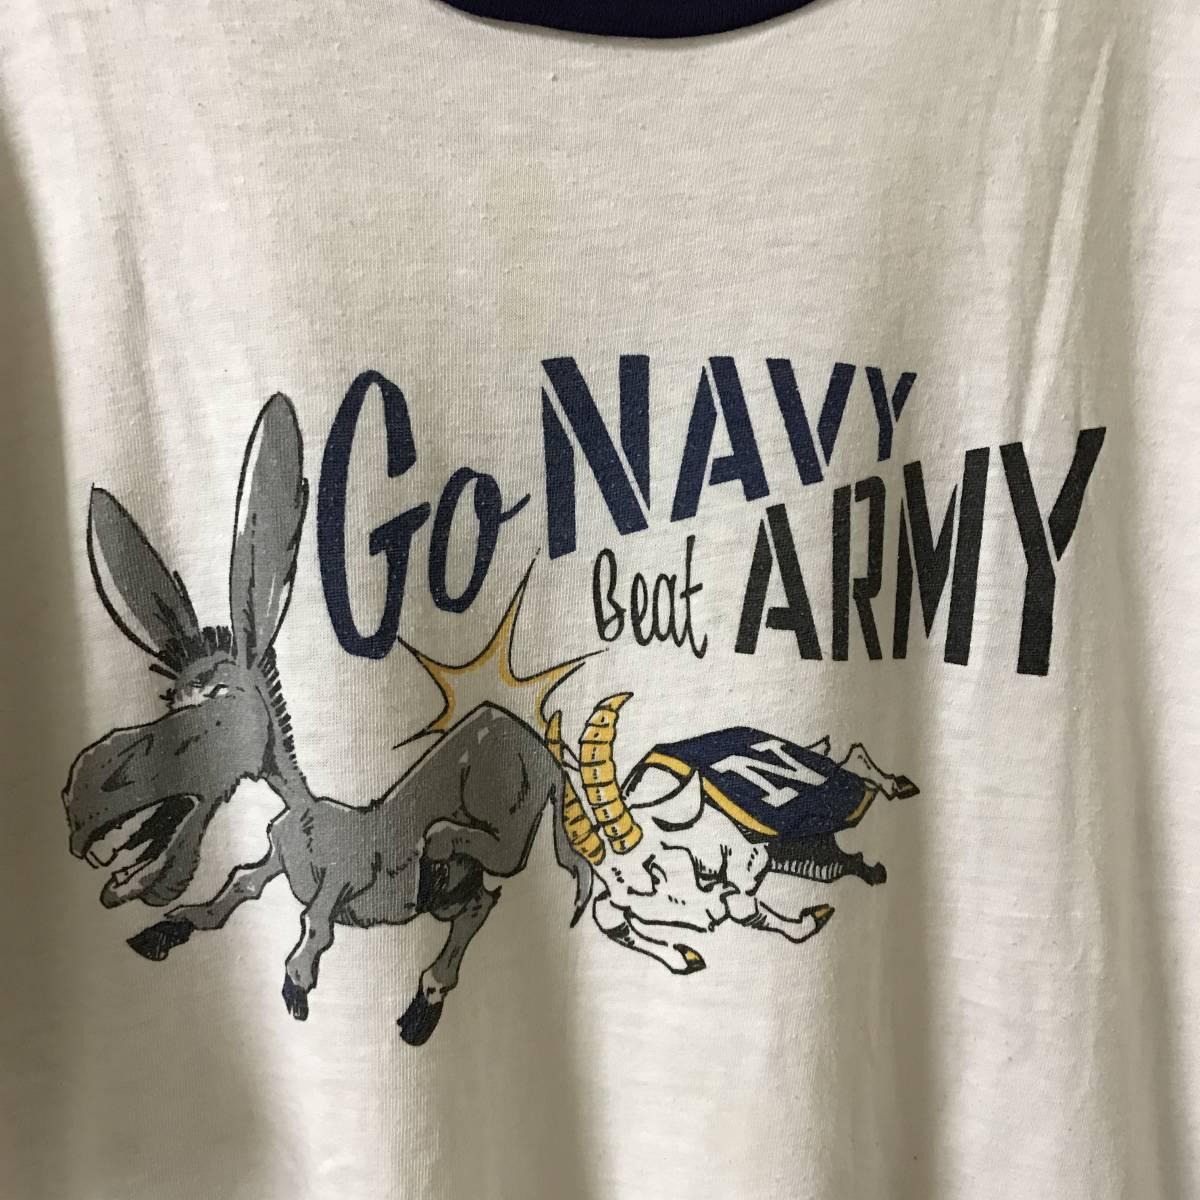 champion ビンテージ 染み込み チャンピオン バータグ トリコタグ リバース army navy usmc air force 米軍 ミリタリー Tシャツ 88 12_画像4